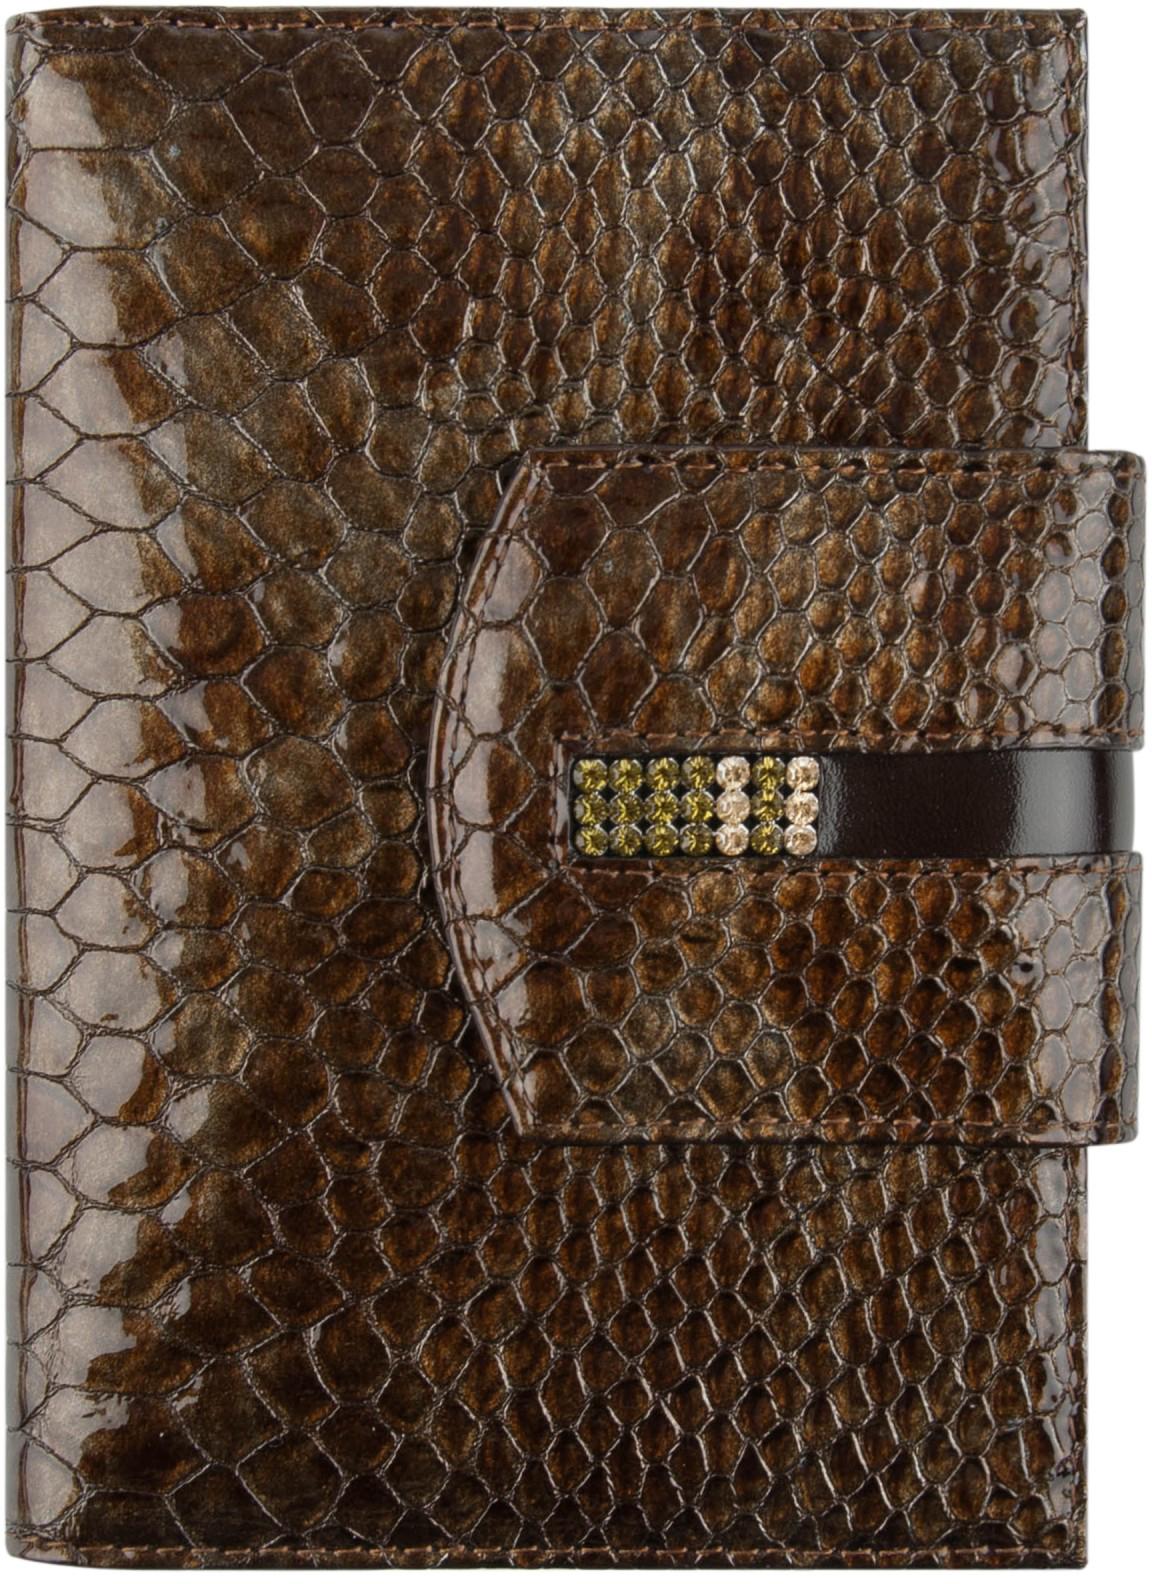 Обложка для автодокументов женская Krystall, цвет: коричневый. 0-490(СВ)0-490(СВ) кр корОбложка для автодокументов Krystall оформлена оригинальными кристаллами Swarovski. Внутри изделия имеется съемный пластиковый вкладыш для авто-документов. С одной стороны 4 кожаных кармана для кредитных карт, а с другой - один дополнительный карман. Само изделие закрывается клапаном на кнопке.